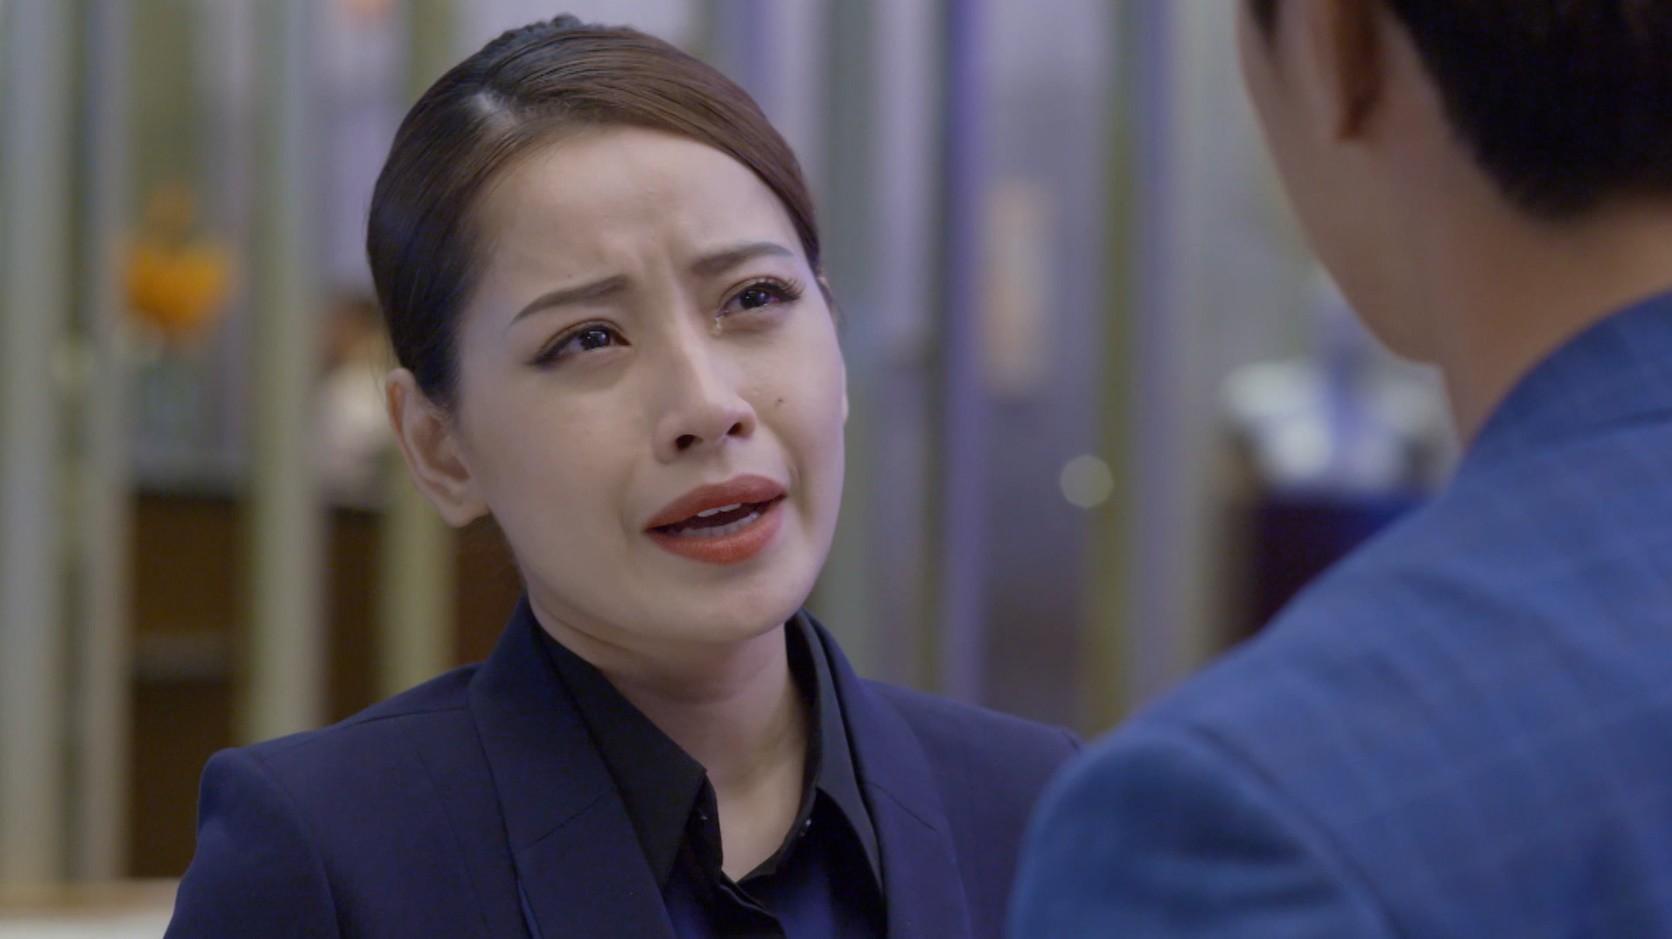 Mối tình đầu của tôi tập 49: Nam Phong nhận ra An Chi là mối tình đầu của mình - Ảnh 2